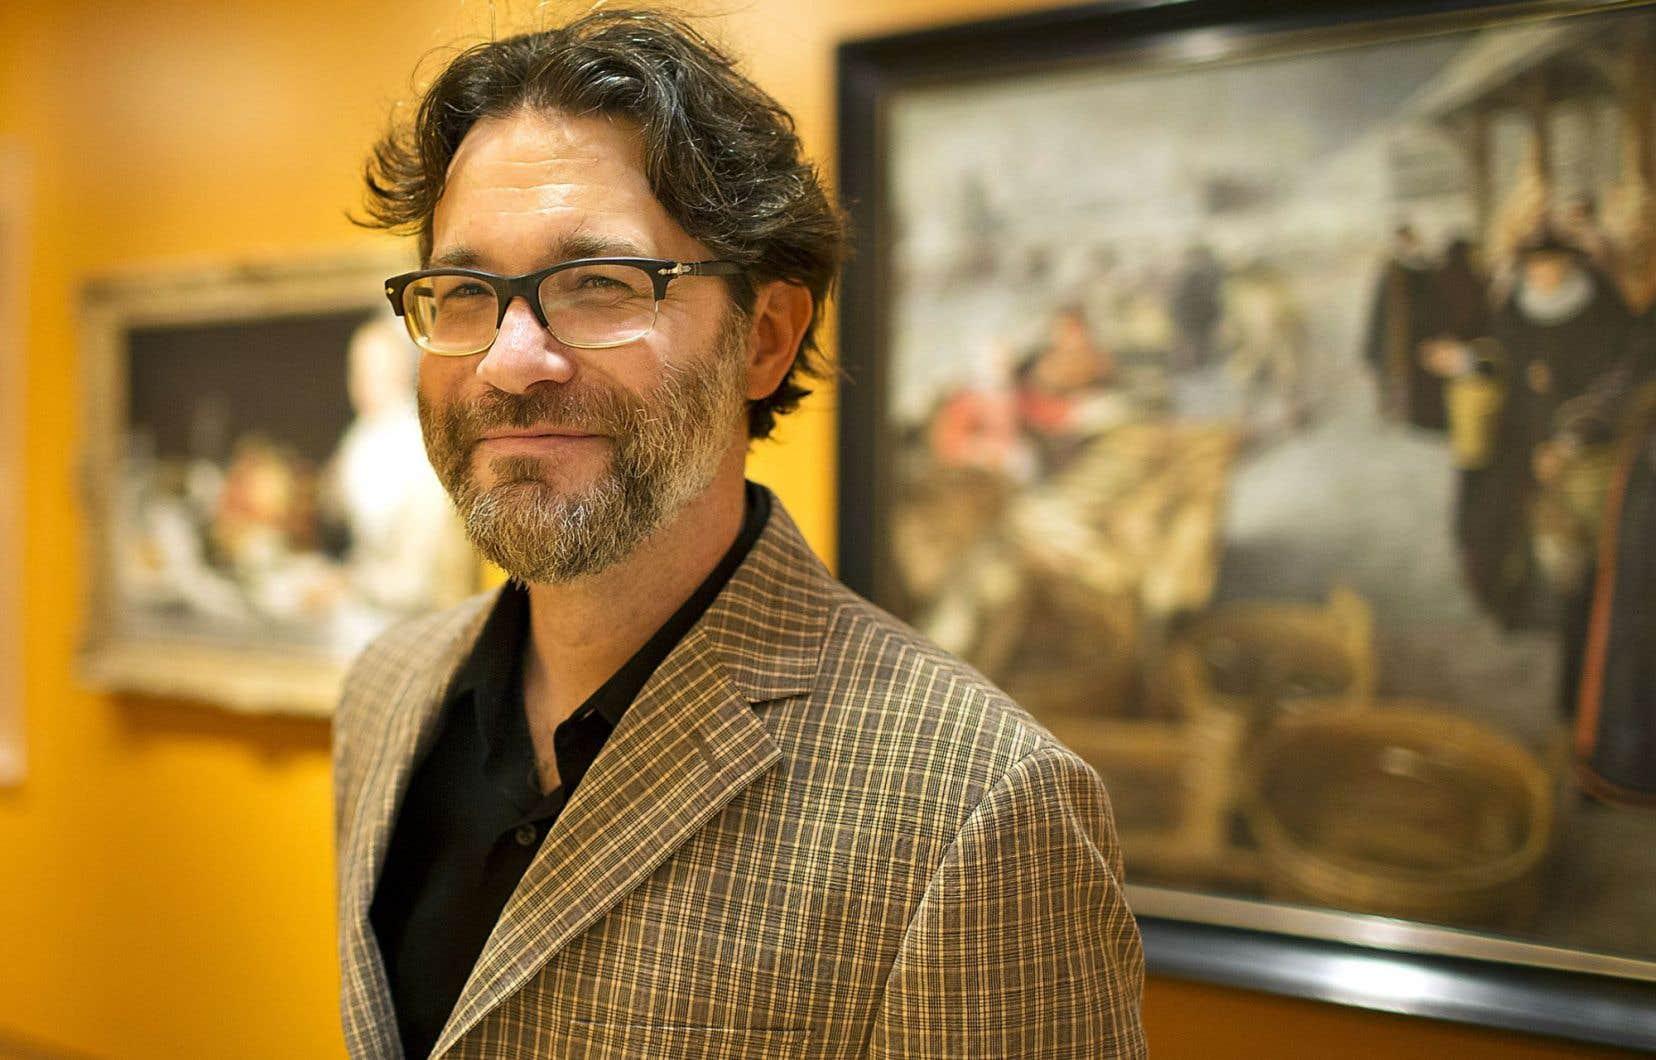 Malgré la dizaine de titres qu'il a publiés, Maxime Olivier Moutier ne se considère pas comme un écrivain.